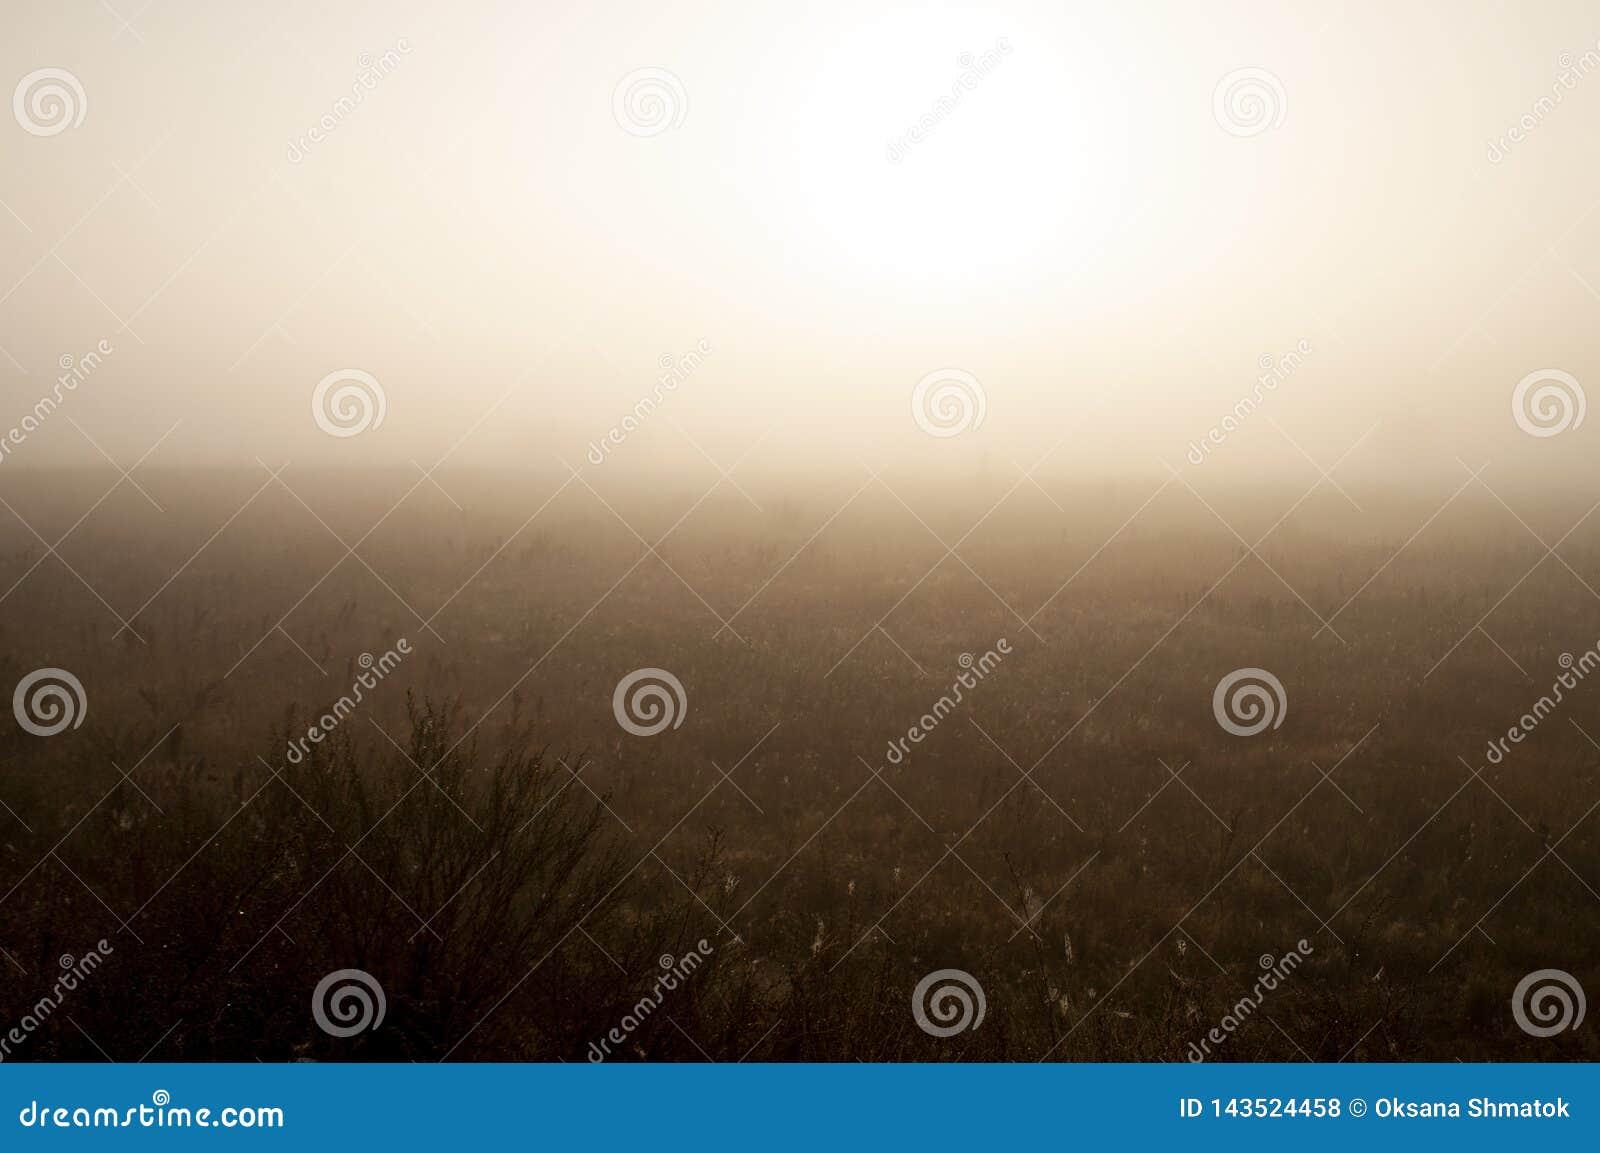 Vroege ochtend op het gebied met de herfstmist en dalingen van water in de lucht Tinten van bruin Niets zou kunnen ver weg zien B